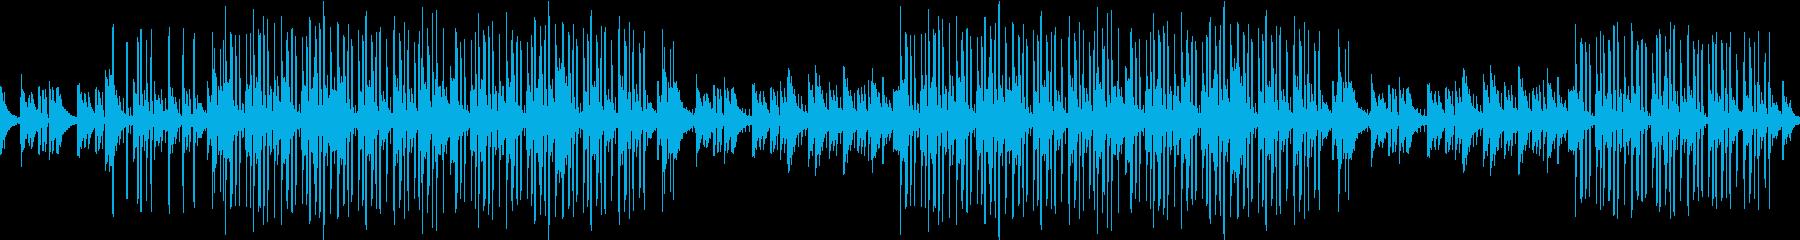 ピアノ・綺麗・エモ・お洒落・ループ・夜の再生済みの波形